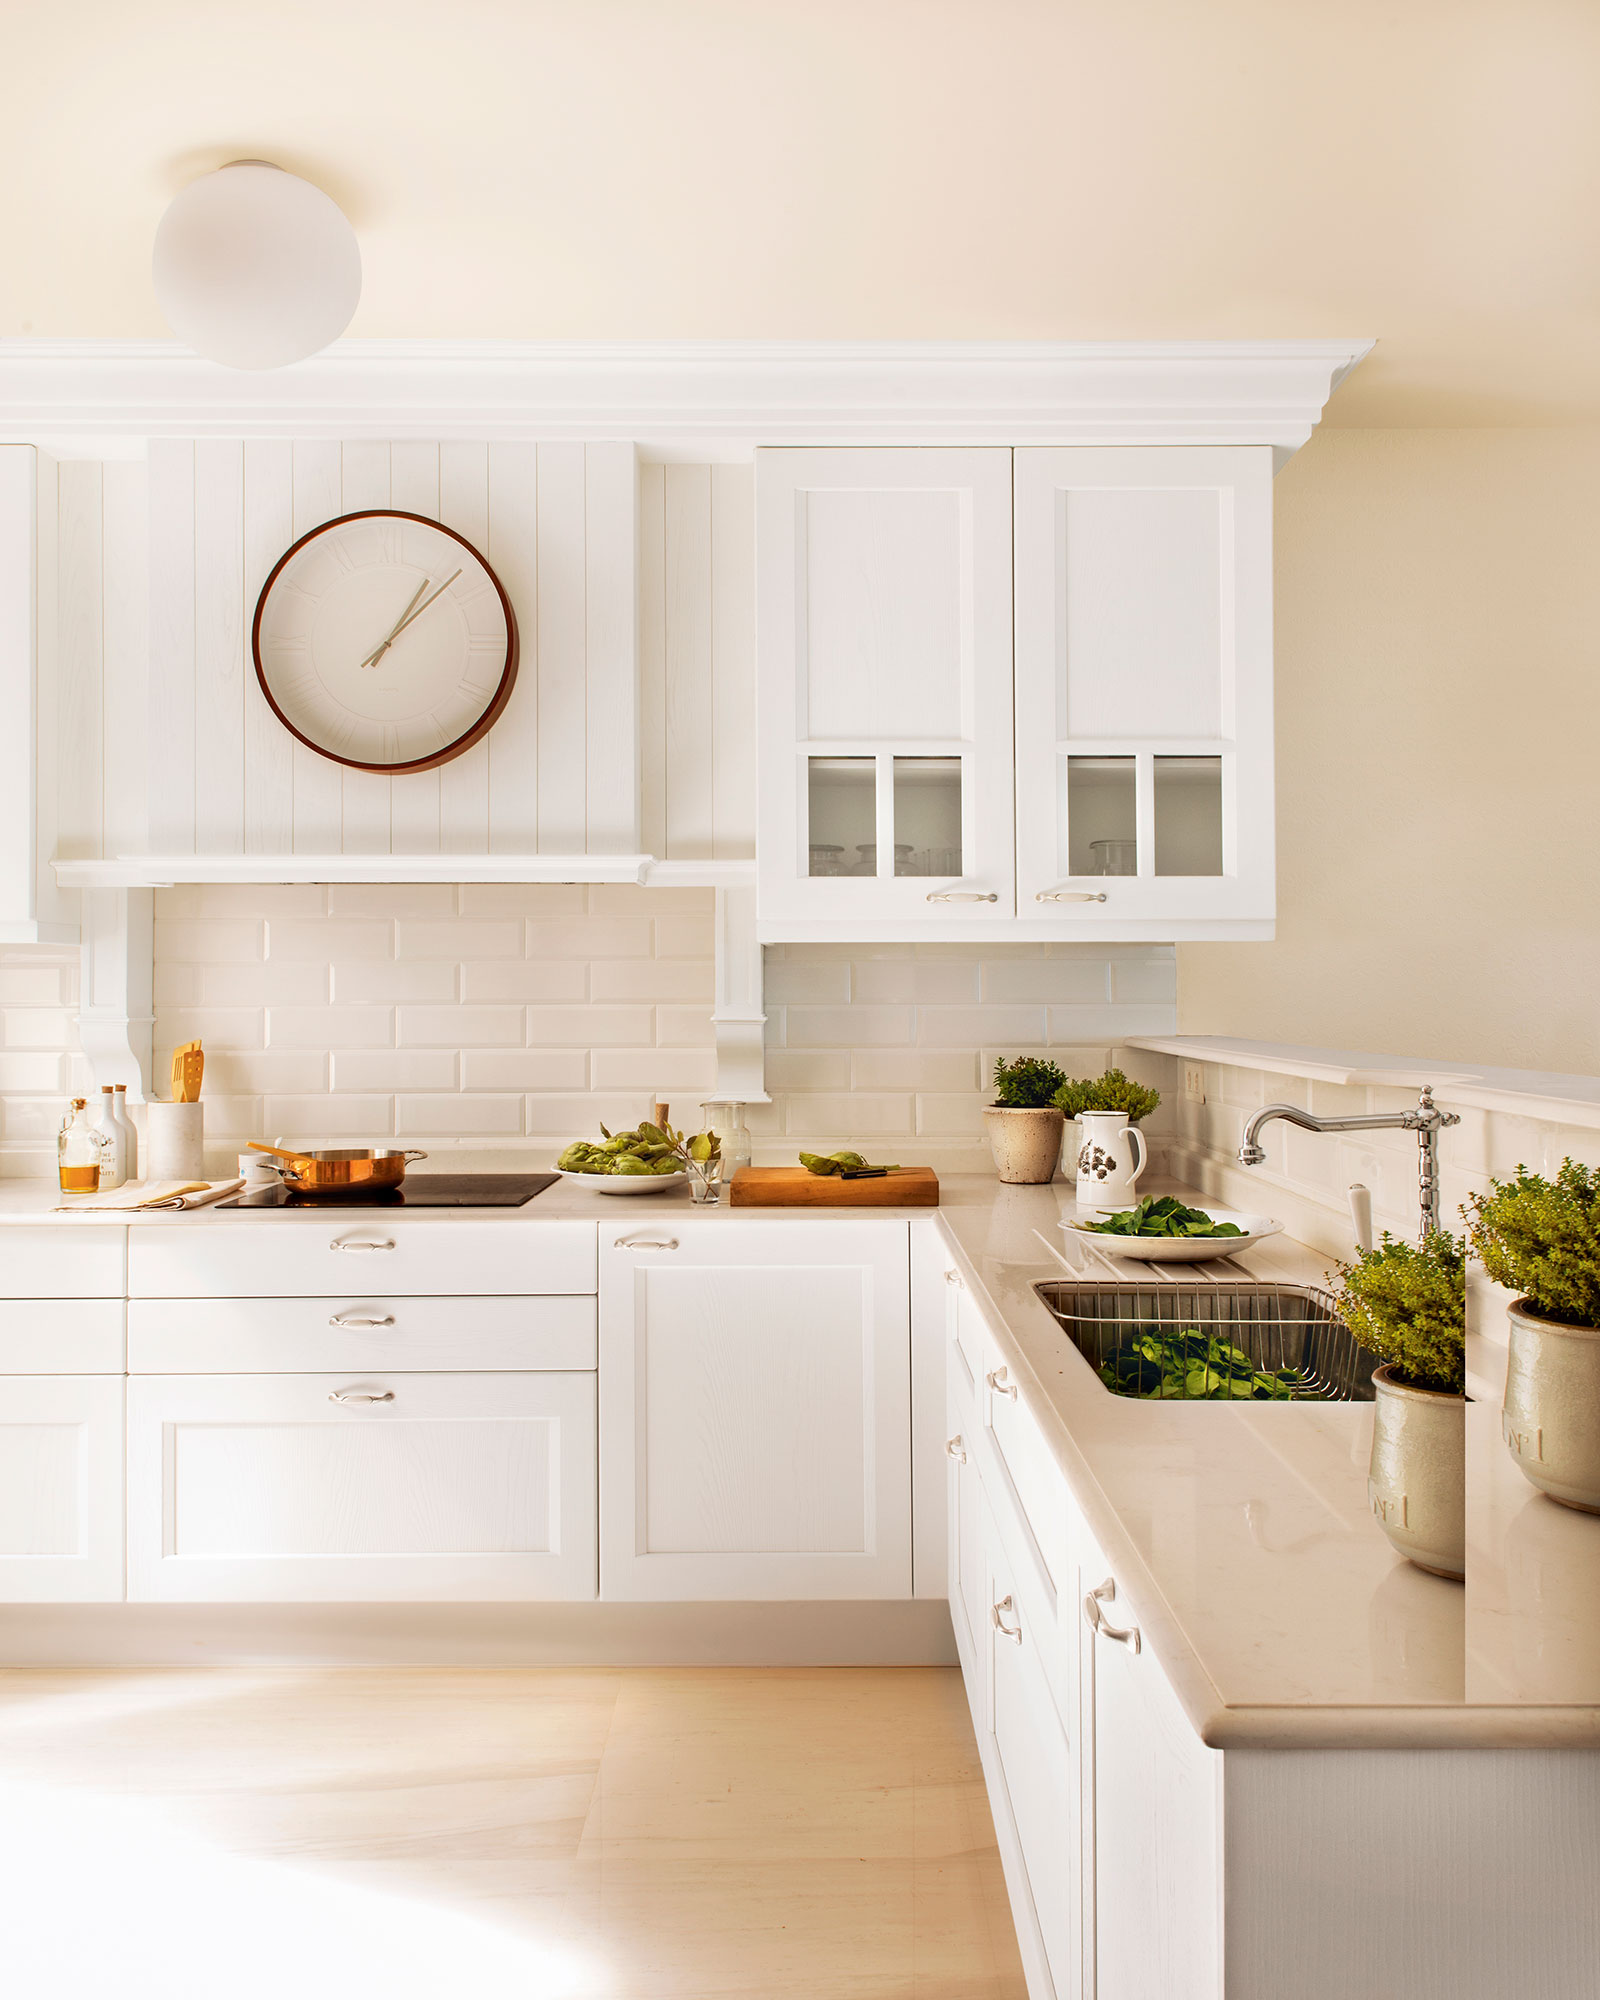 10 ideas infalibles para multiplicar la luz en la cocina - Muebles cocina blanco ...